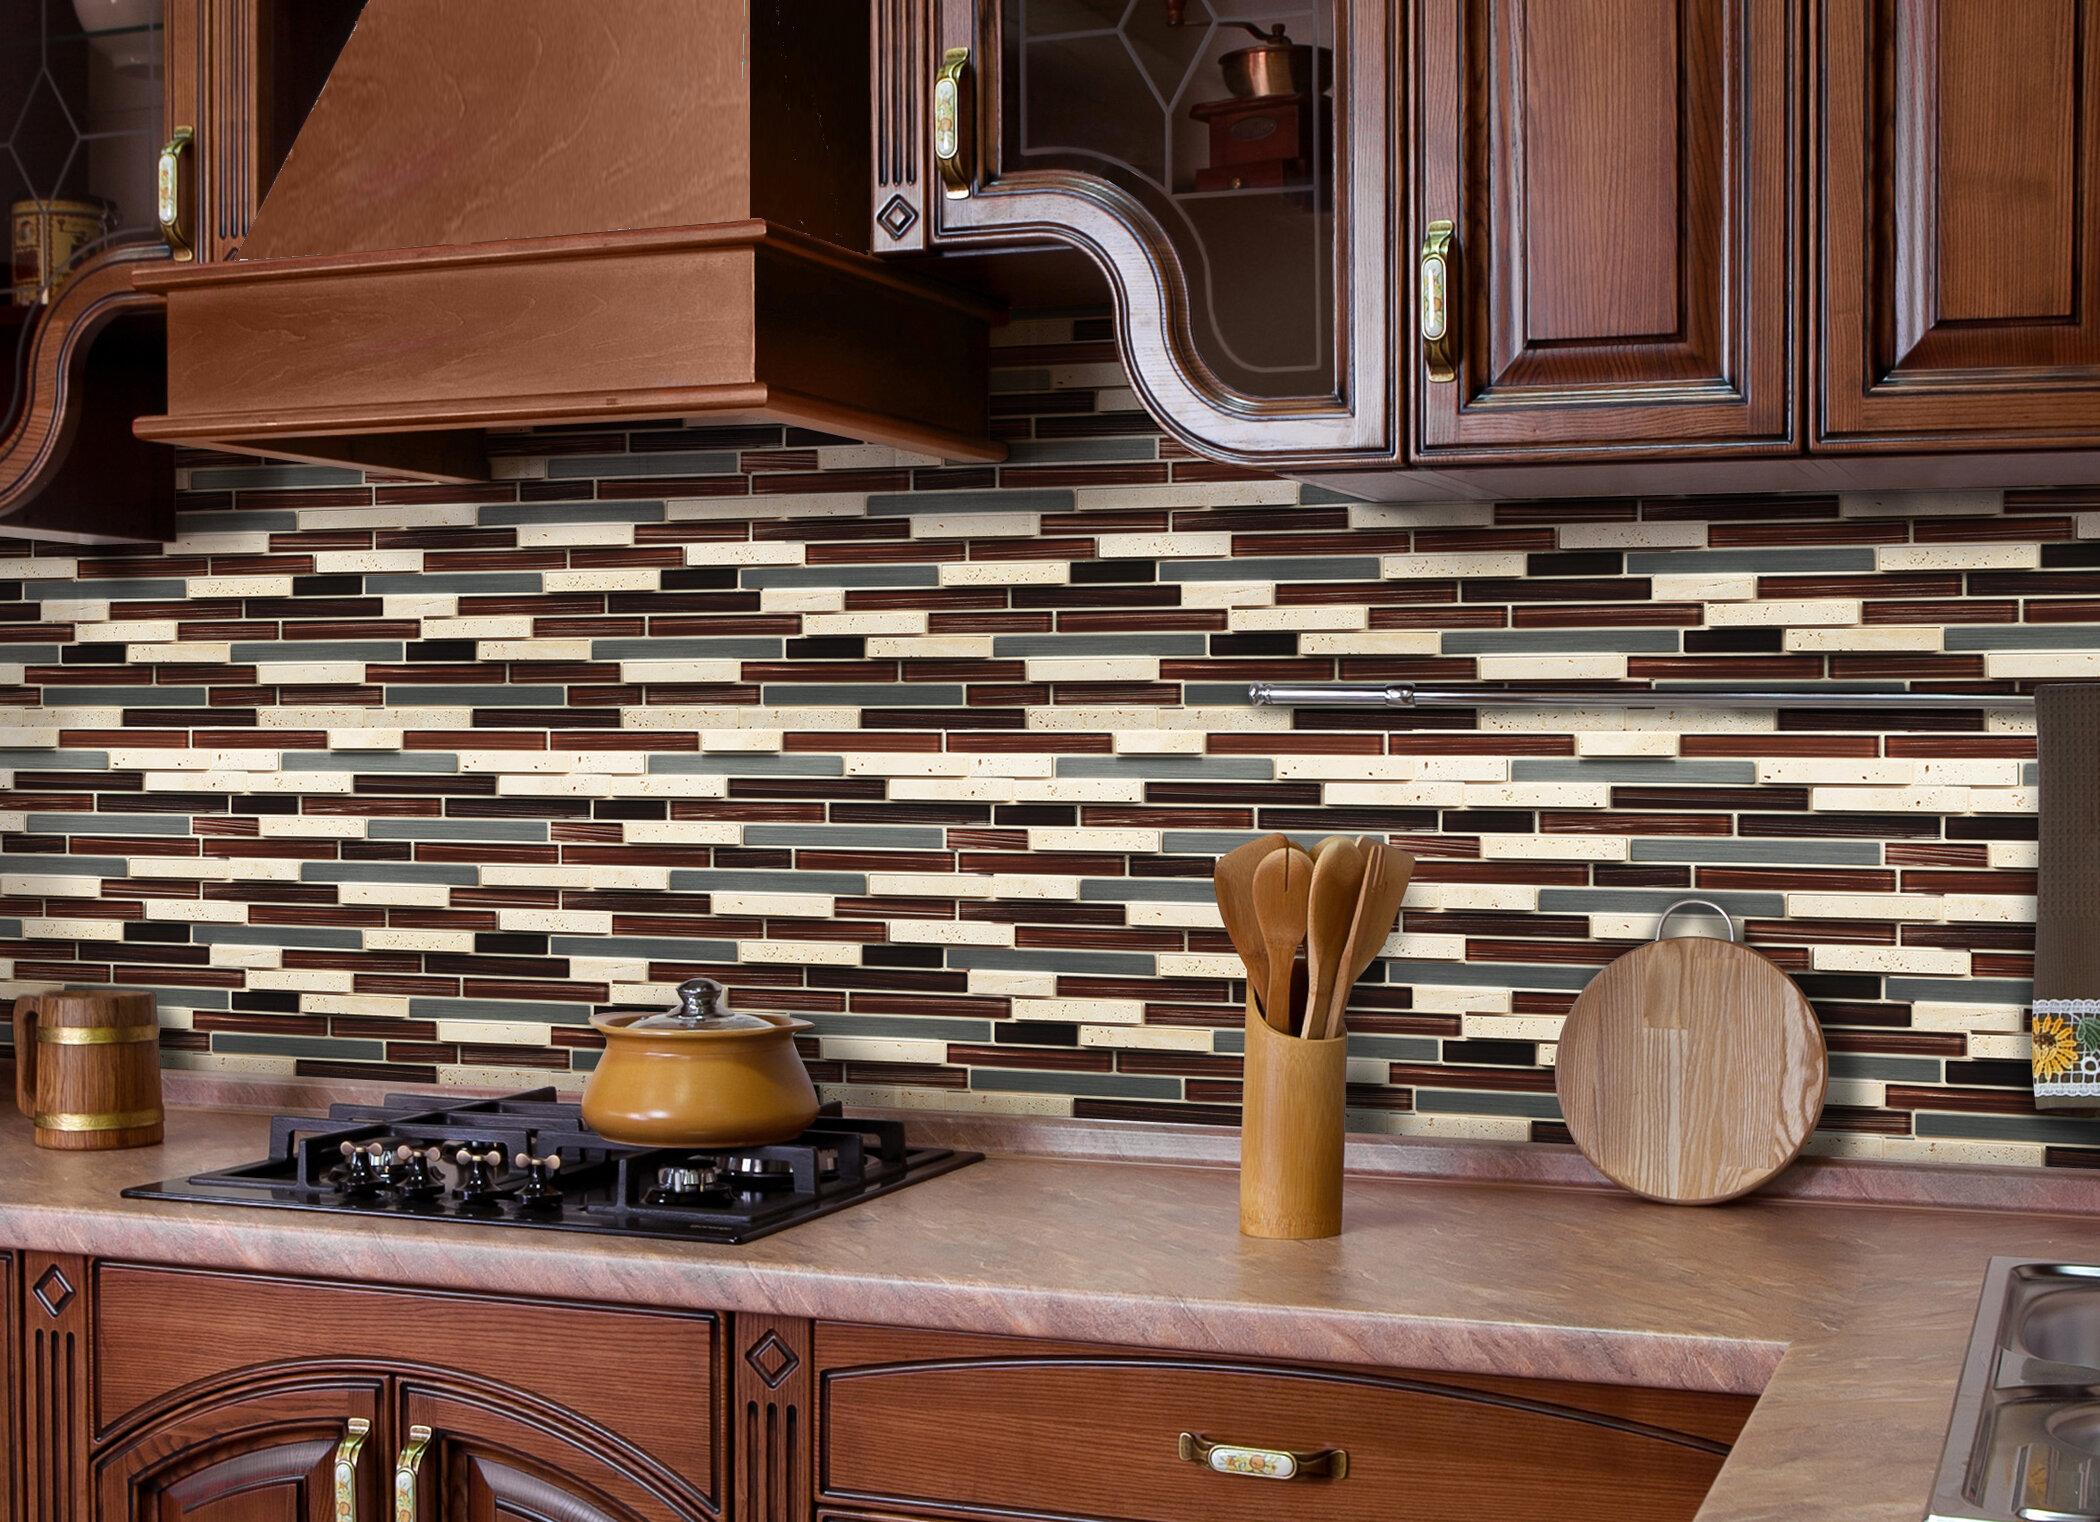 Peel and stick tile for backsplash